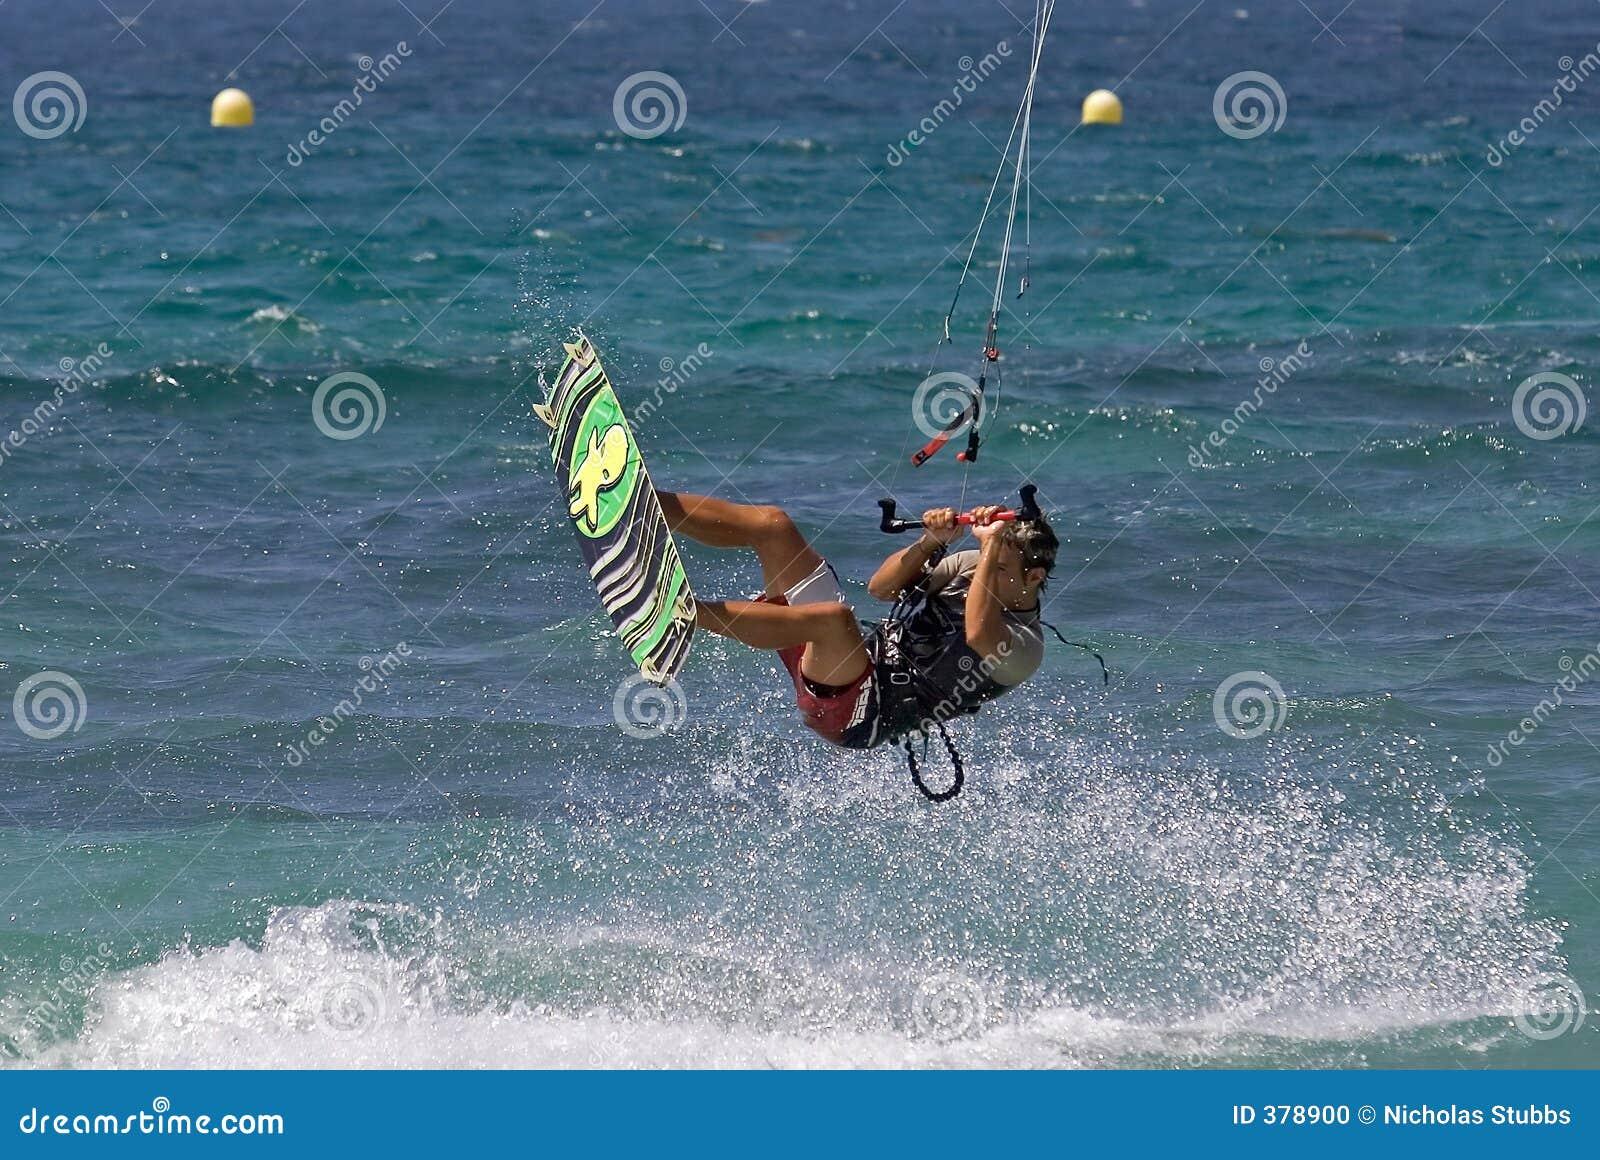 πέταγμα παραλιών αέρα kitesurfer ηλι